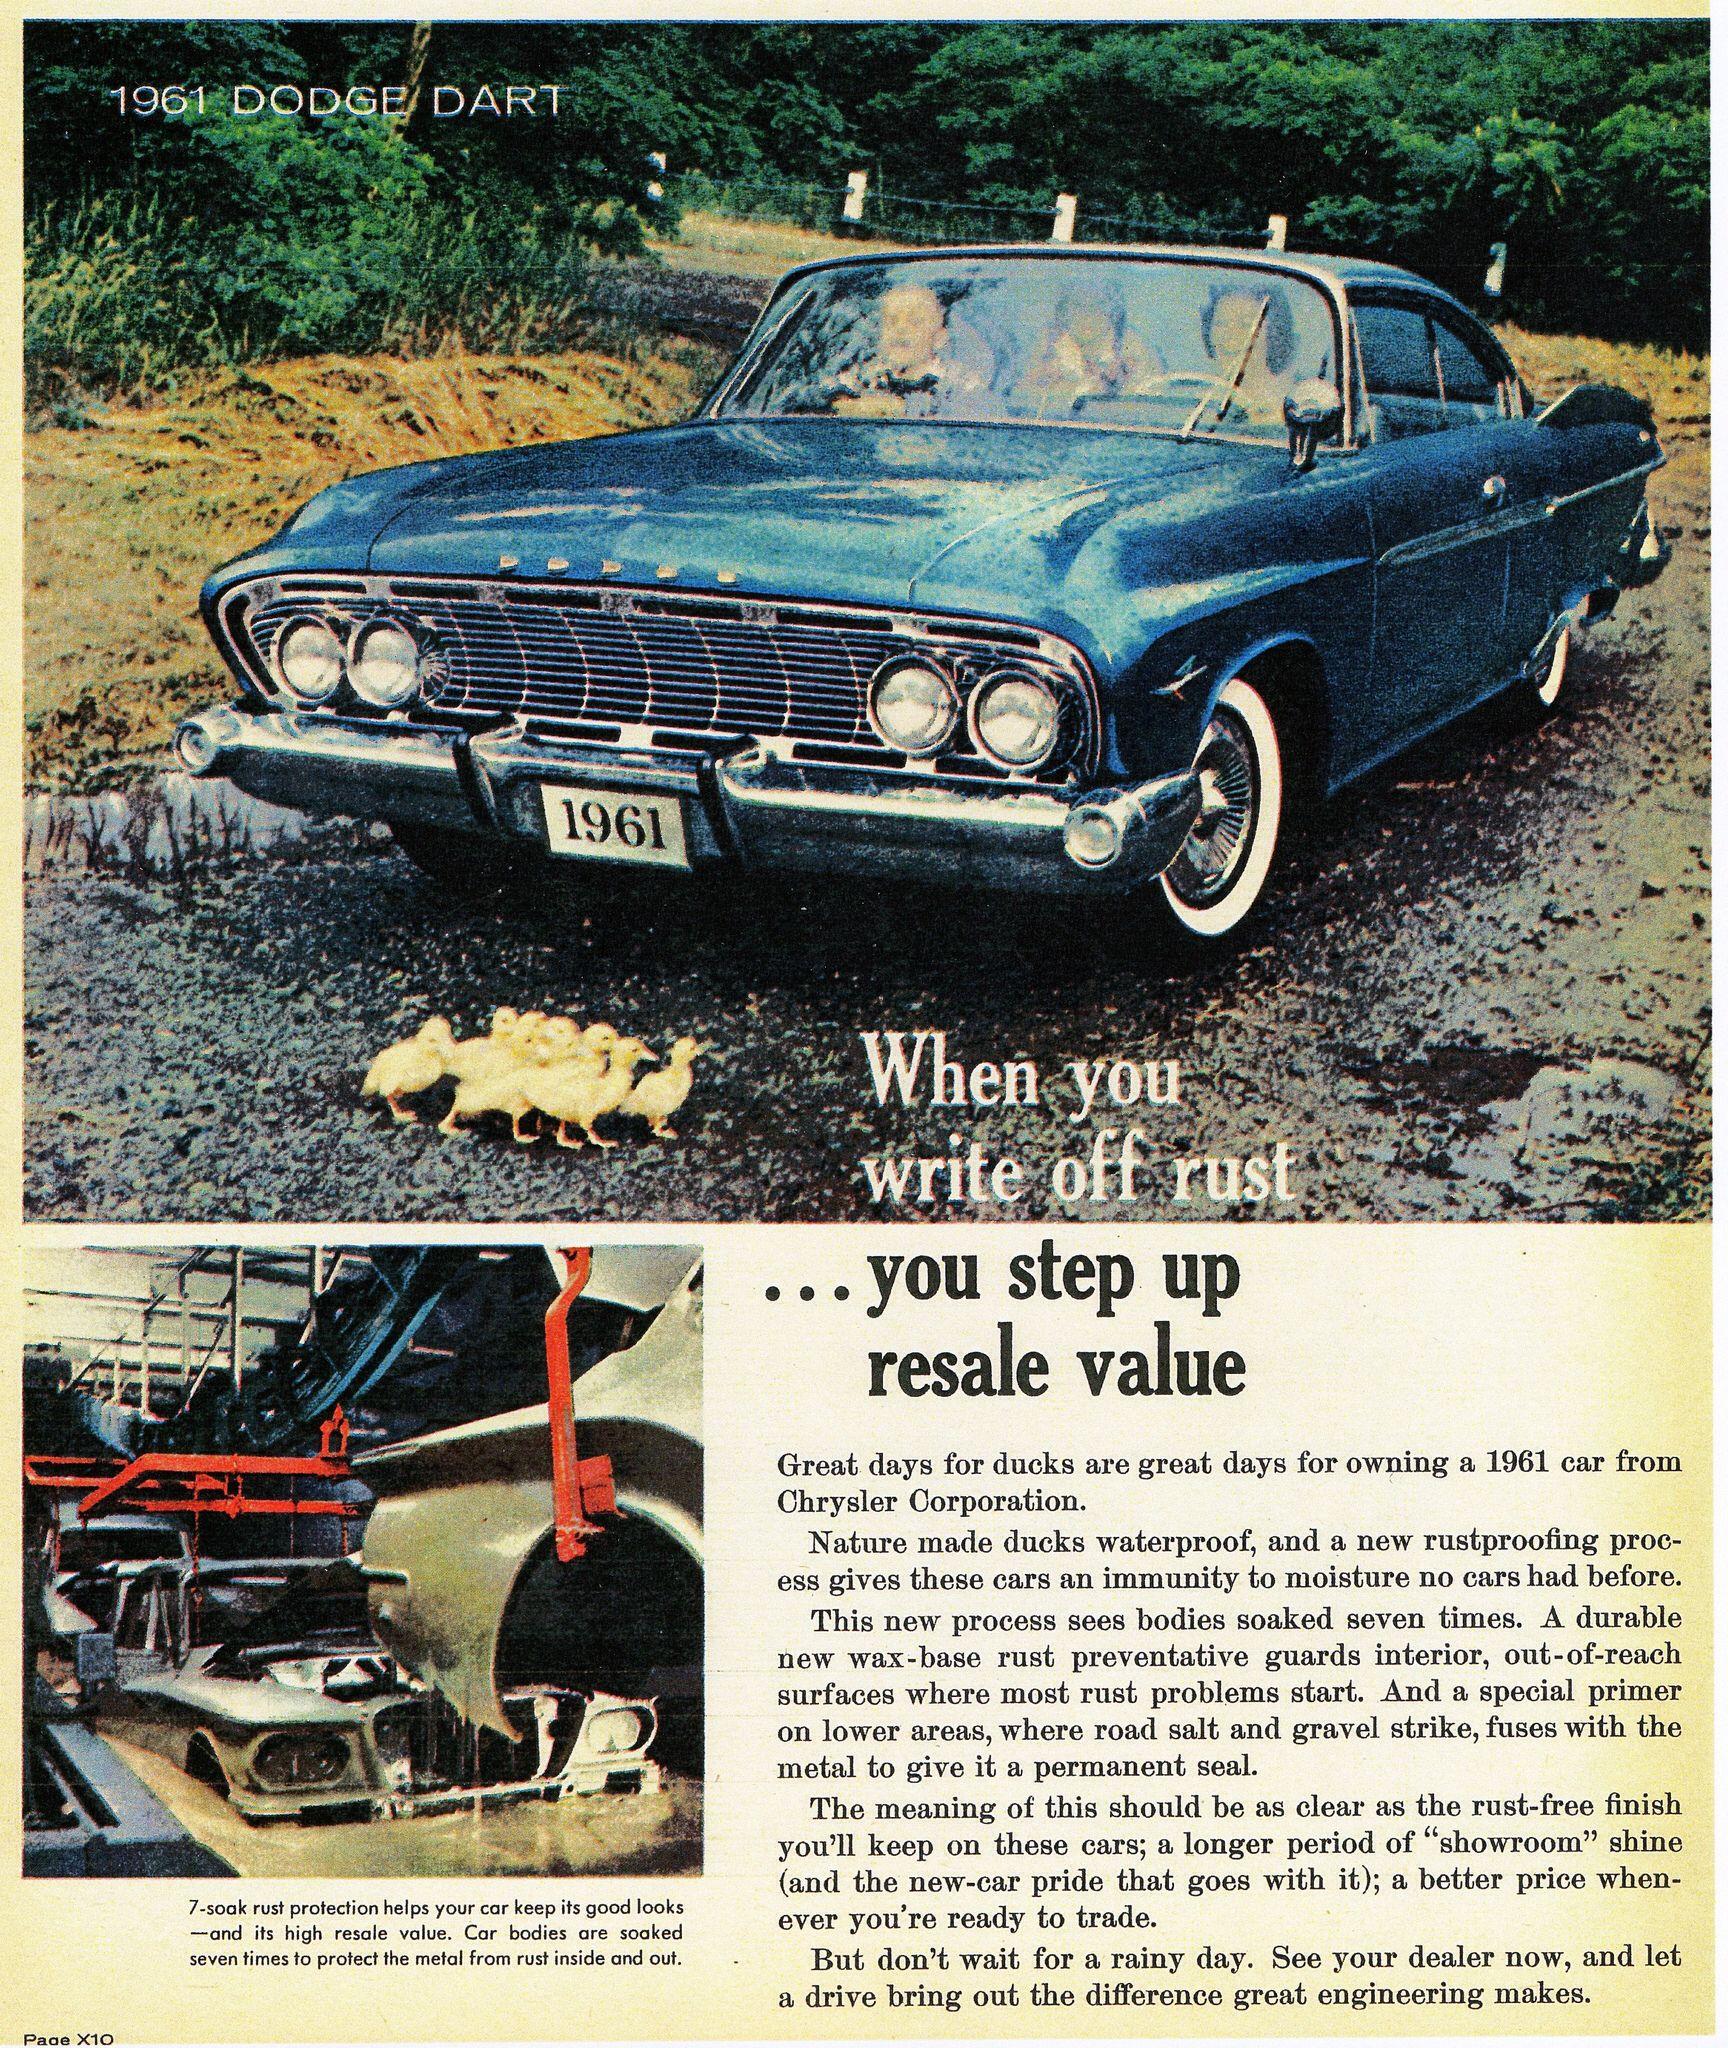 1961 Dodge Dart Phoenix 2-Door Hardtop | Retro Car Ads | Pinterest ...